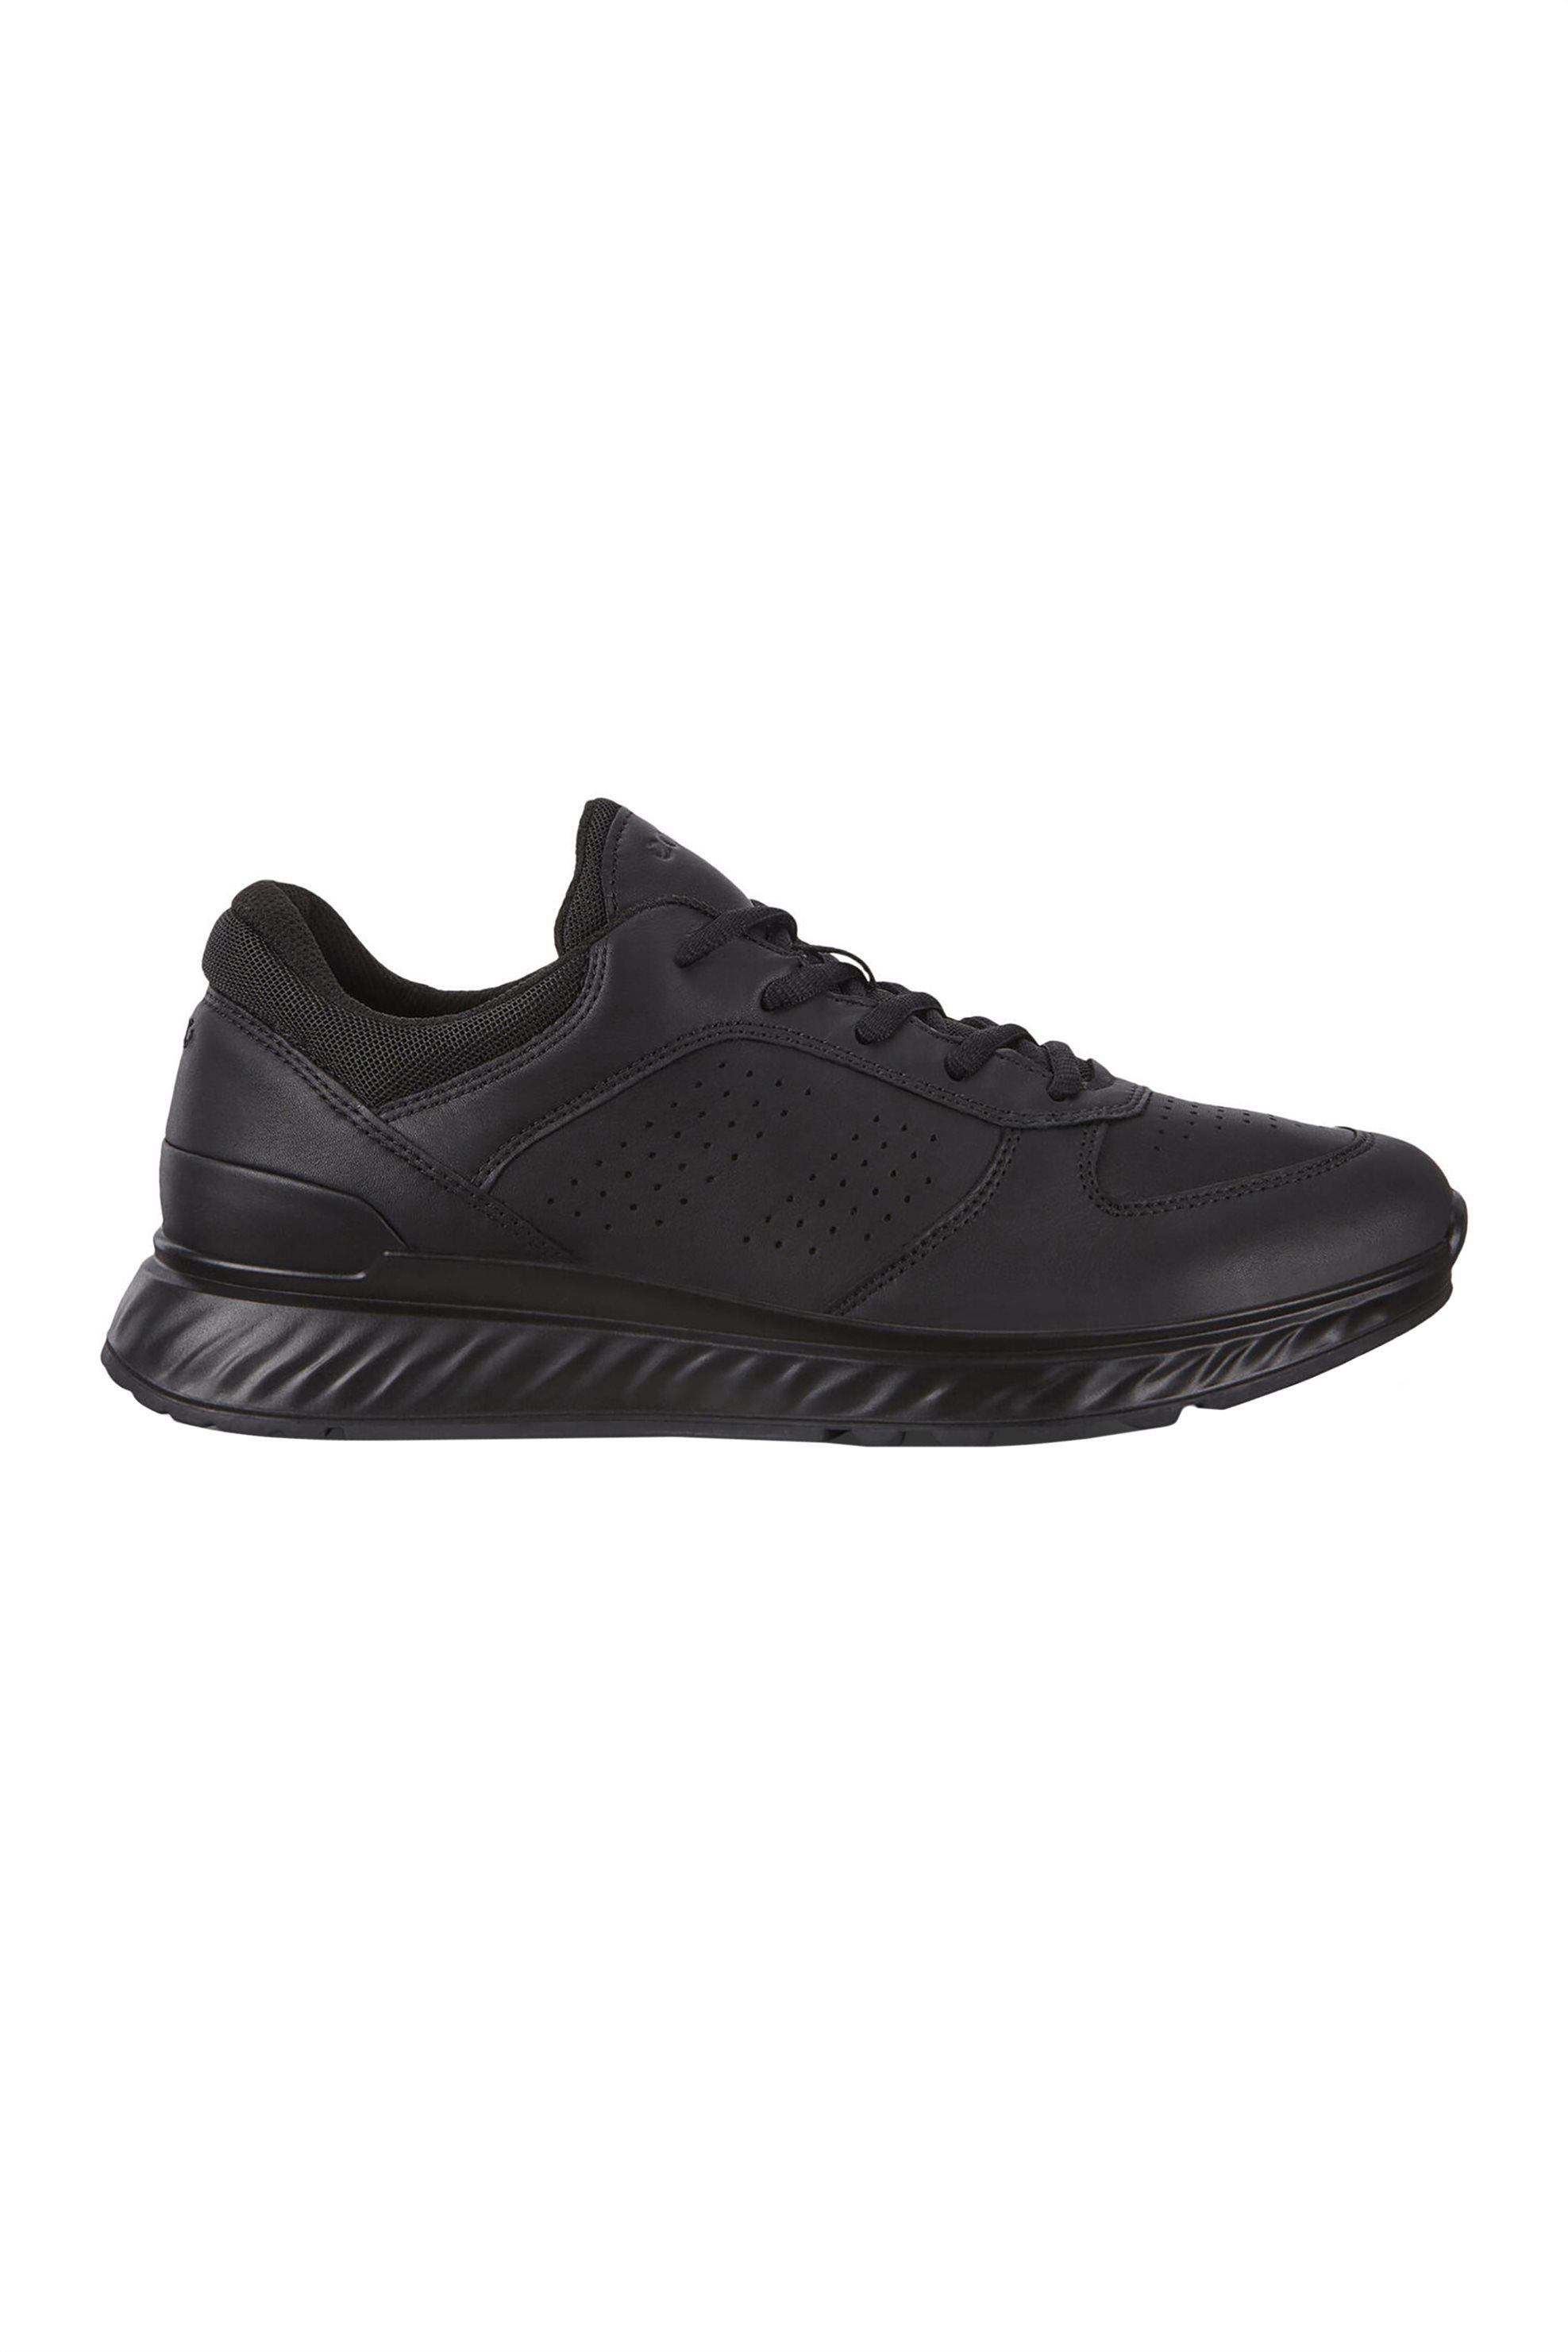 """ECCO ανδρικά sneakers με κορδόνια """"Exostride"""" – 989-835314 01001 – Μαύρο"""